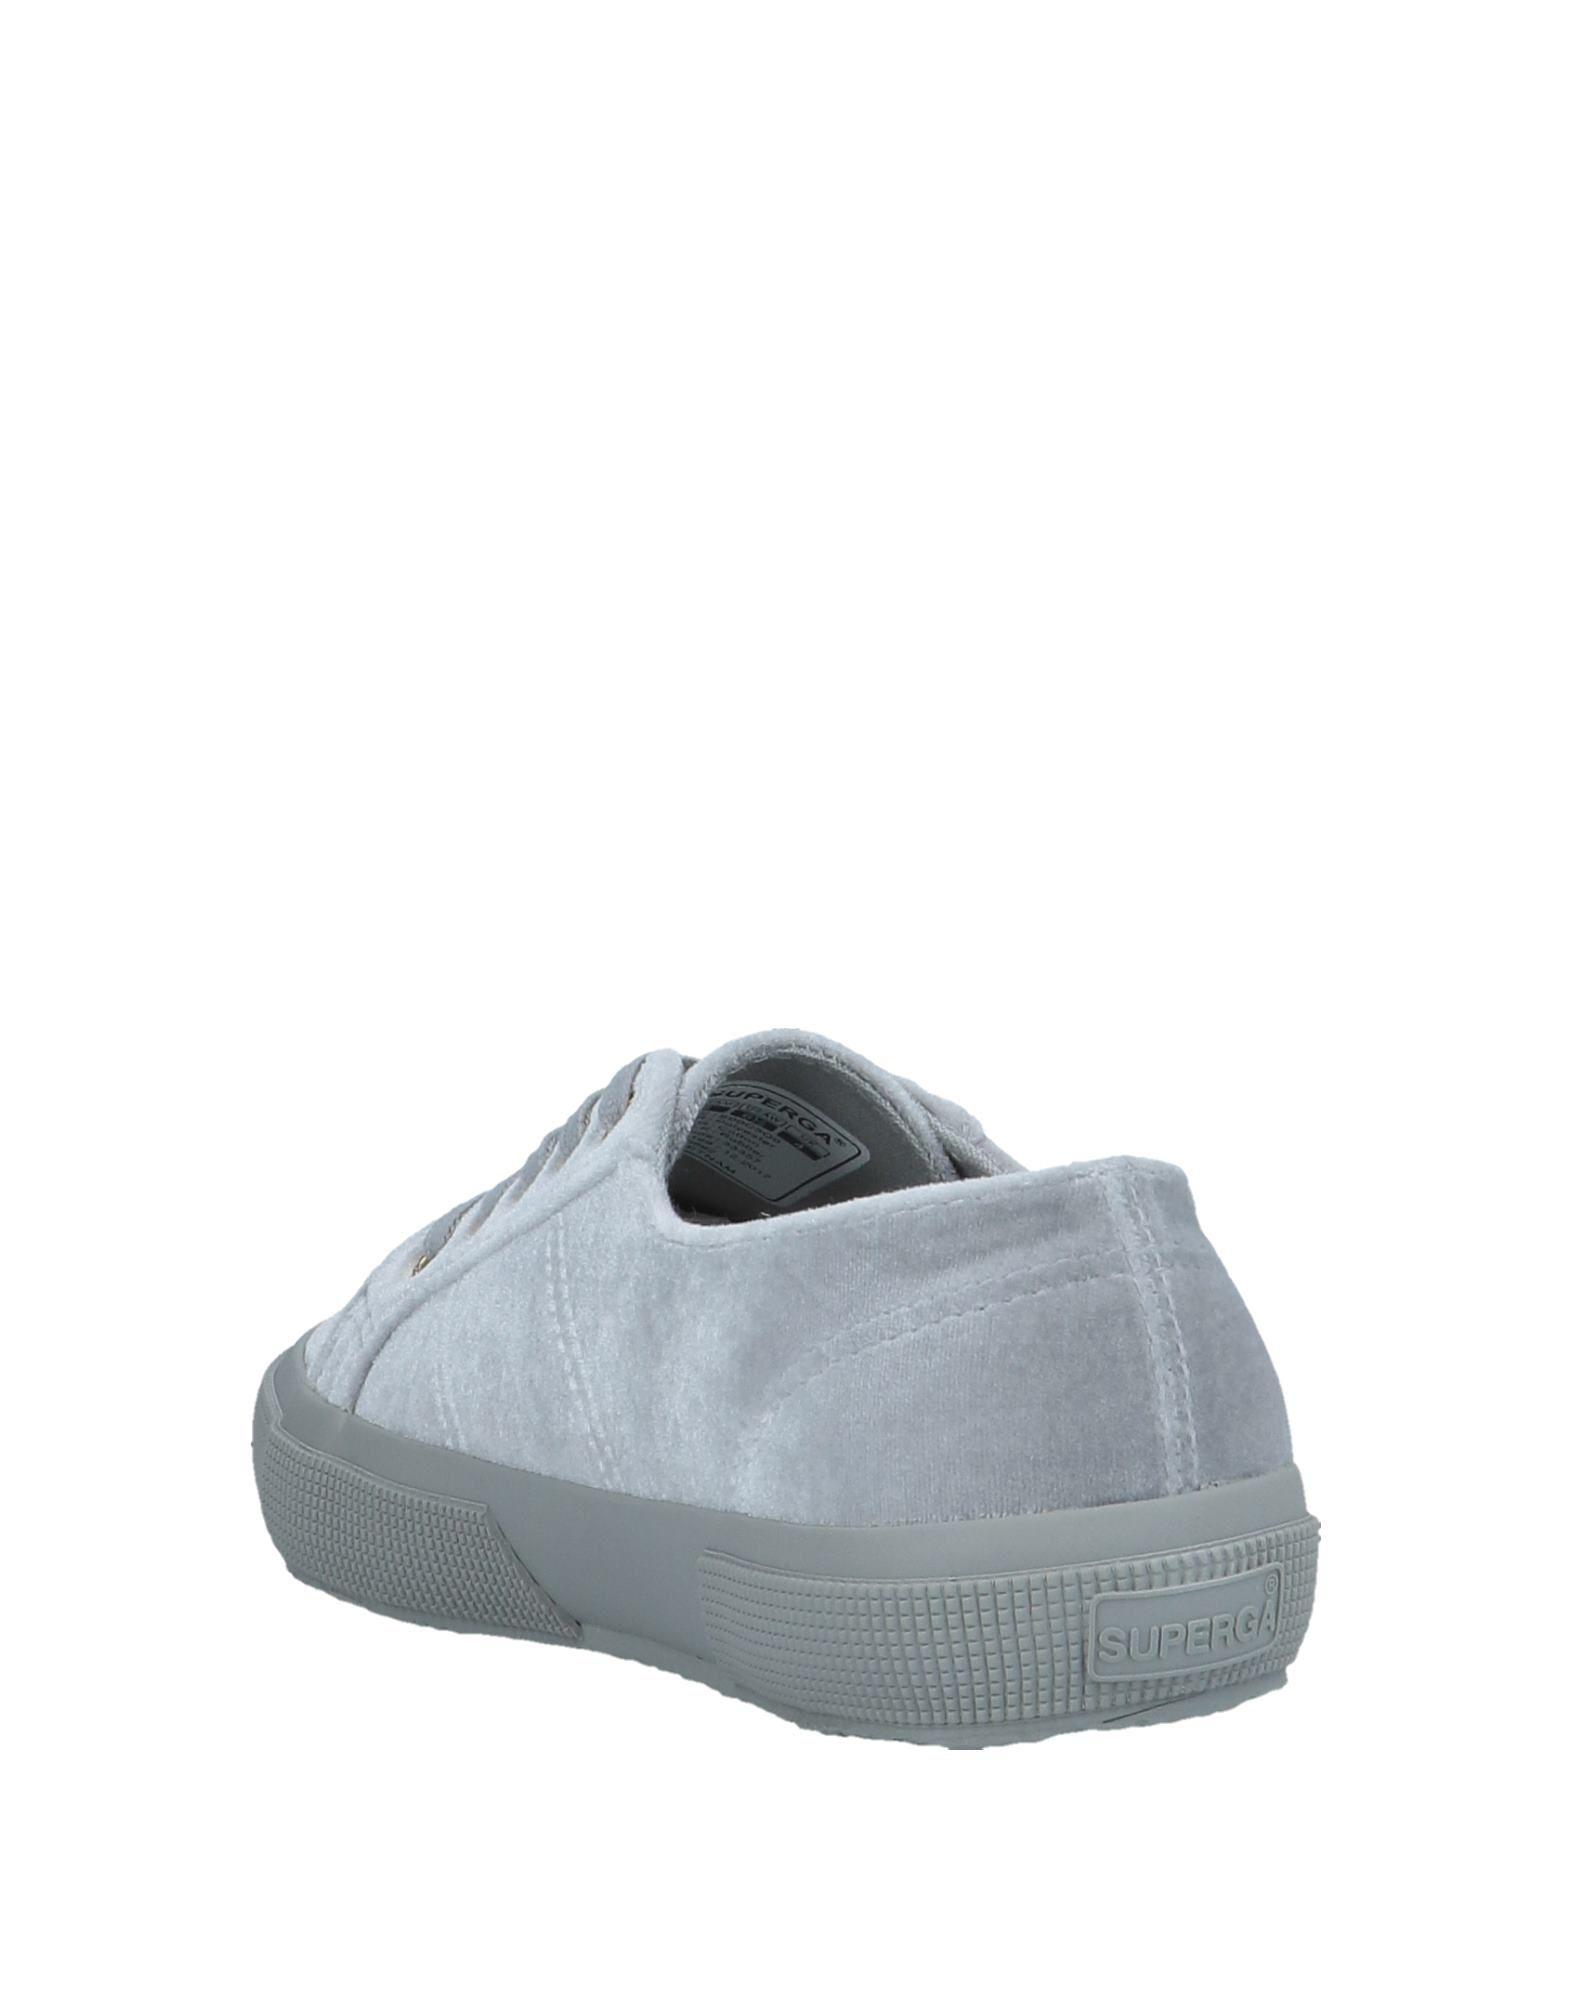 Superga® Sneakers Damen lohnt Gutes Preis-Leistungs-Verhältnis, es lohnt Damen sich f6eba1